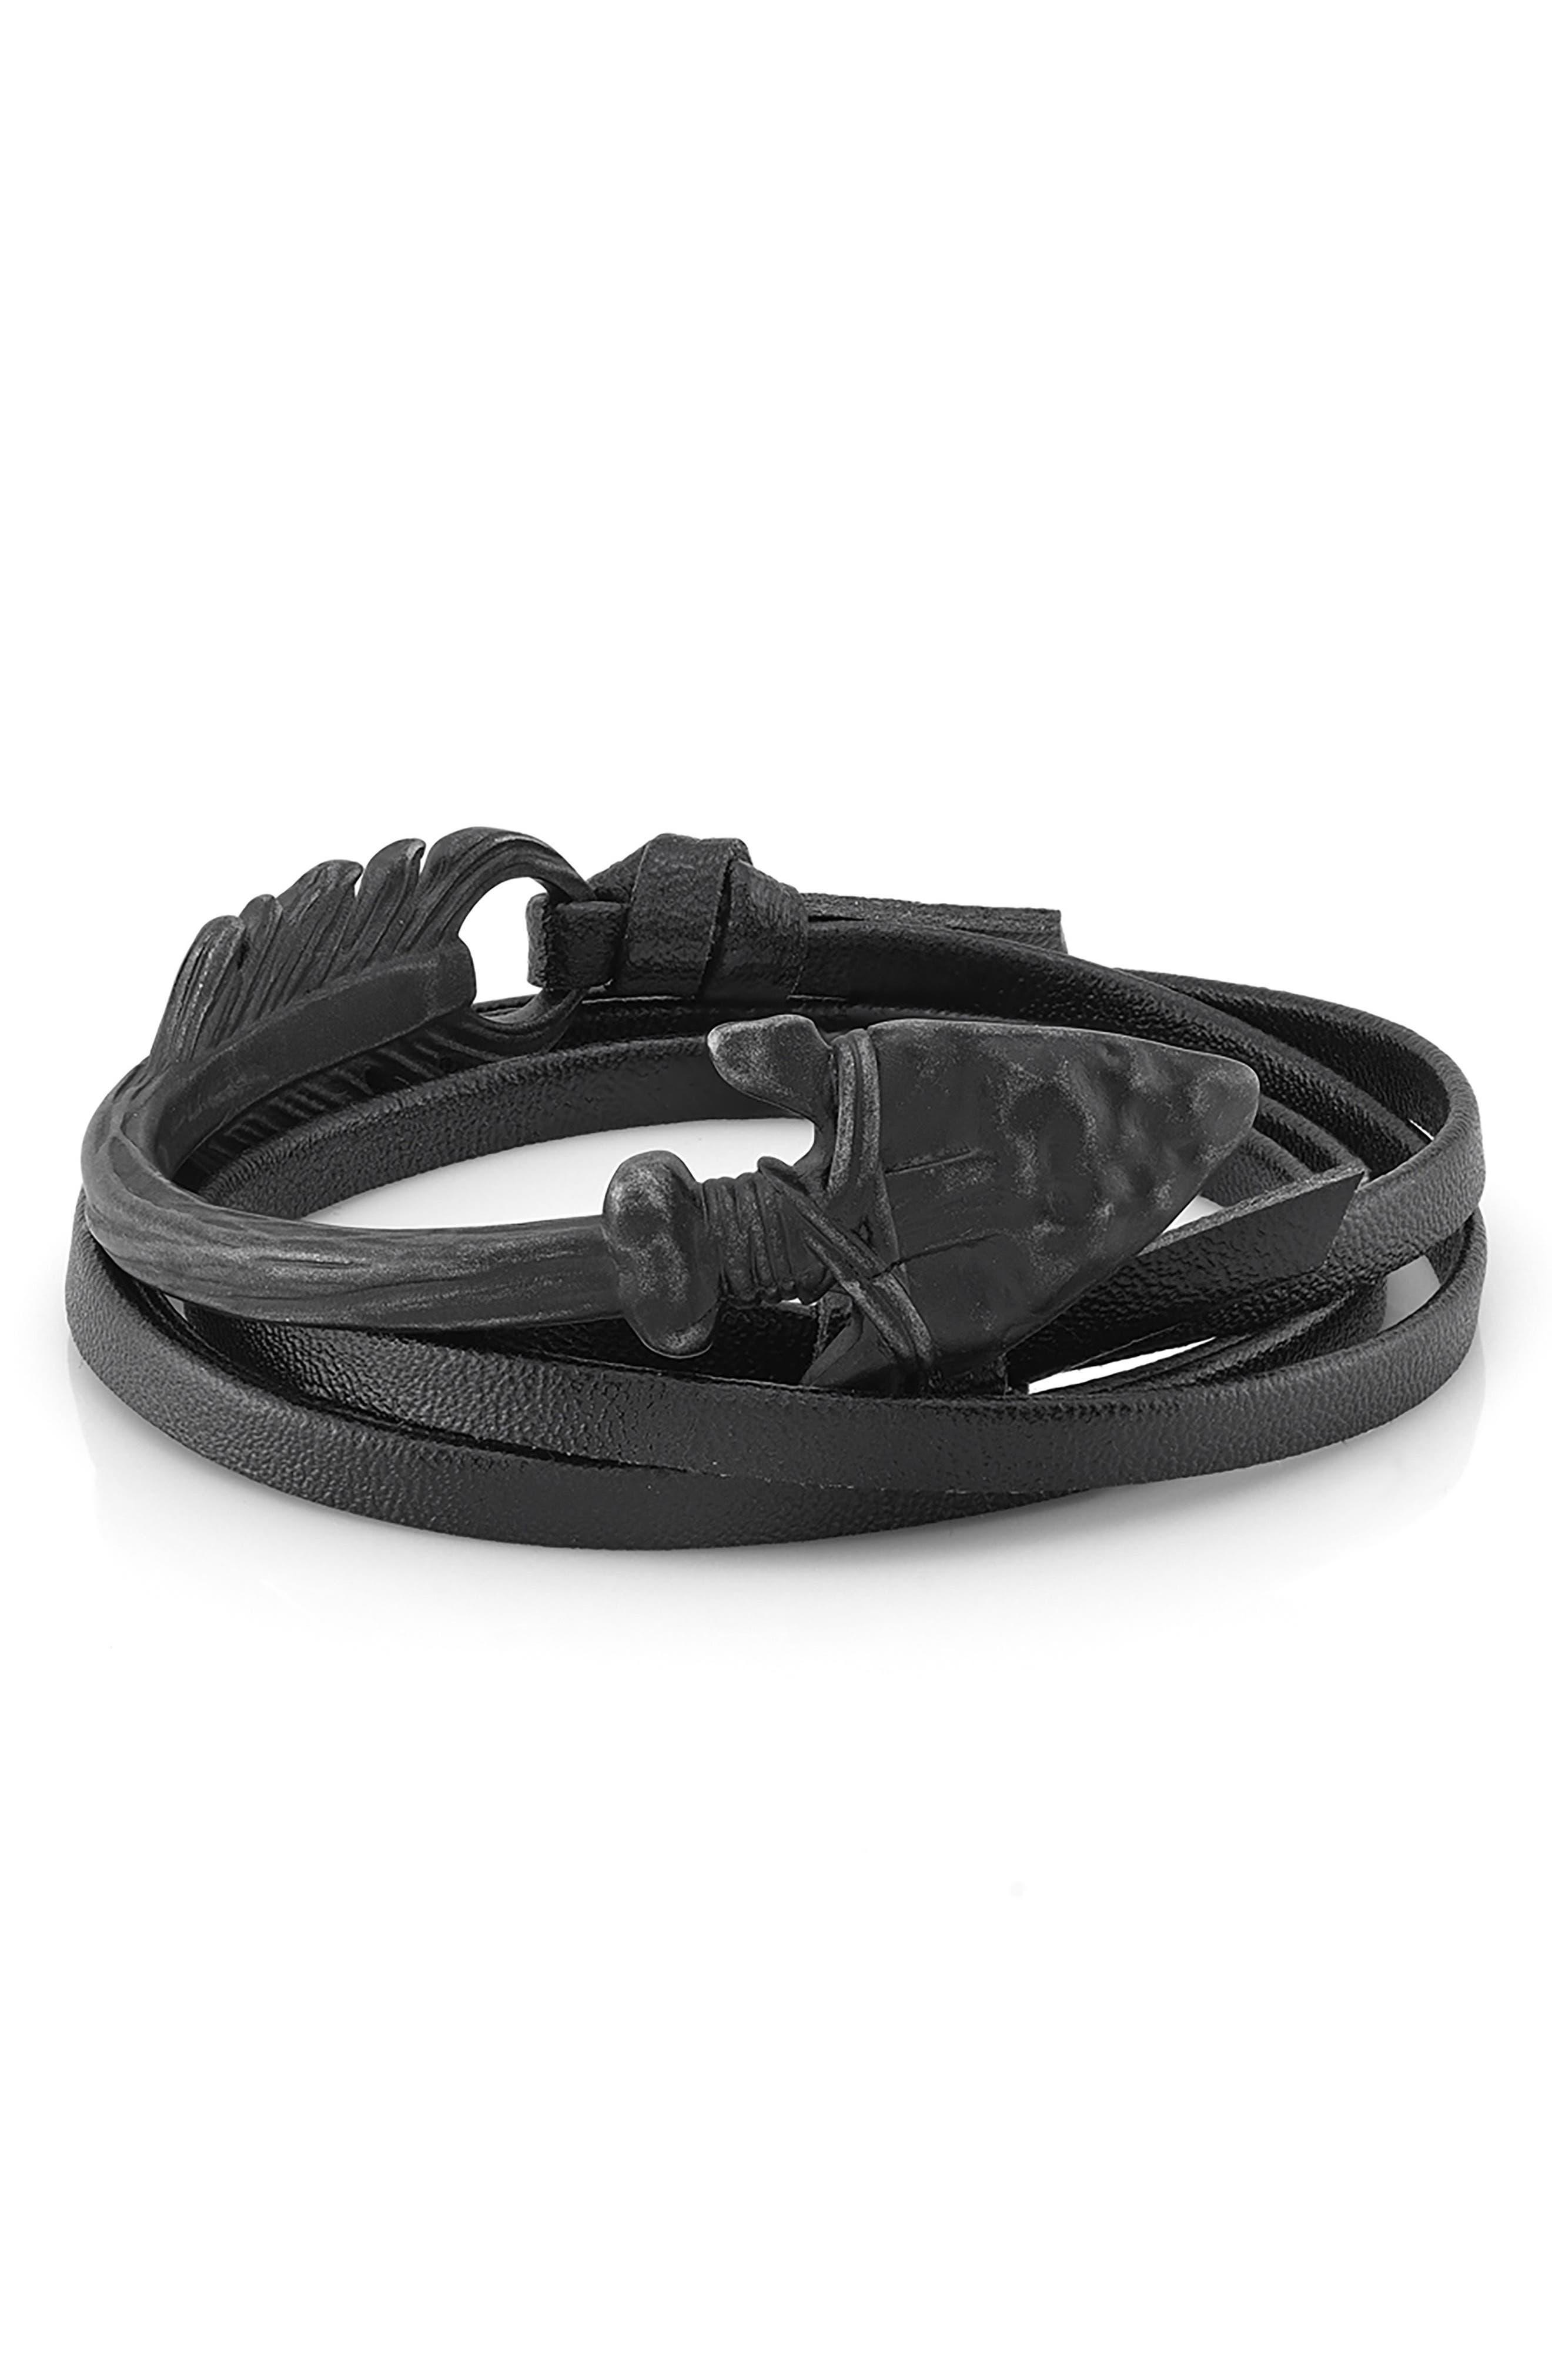 Arrow Leather Wrap Bracelet,                             Main thumbnail 1, color,                             001